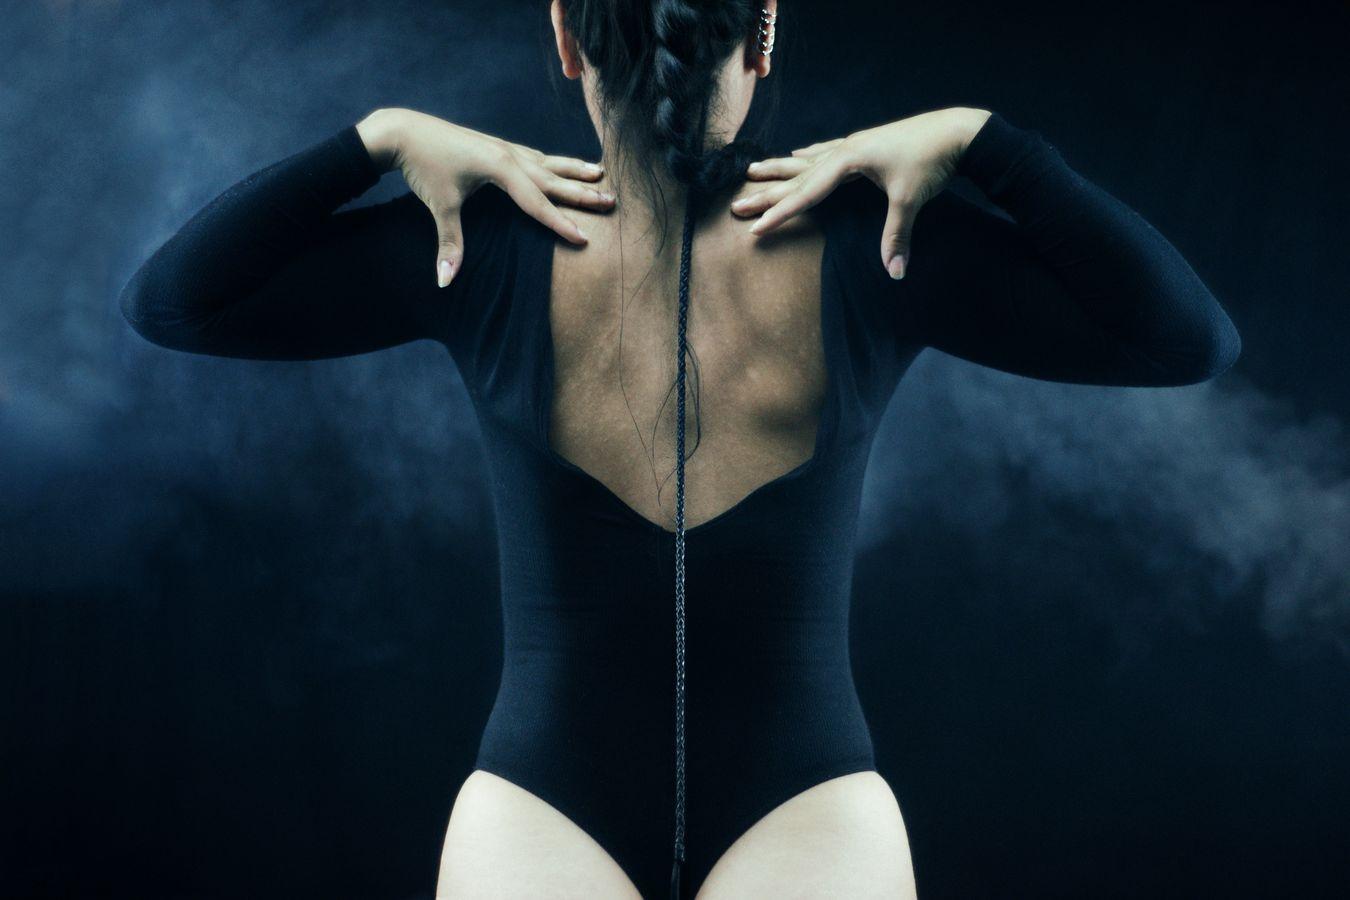 De dos, Ana, en body noir, pose en studio. Dans son dos, à la manière d'un athéba, pend une longue tresse qui descend entre ses reins.